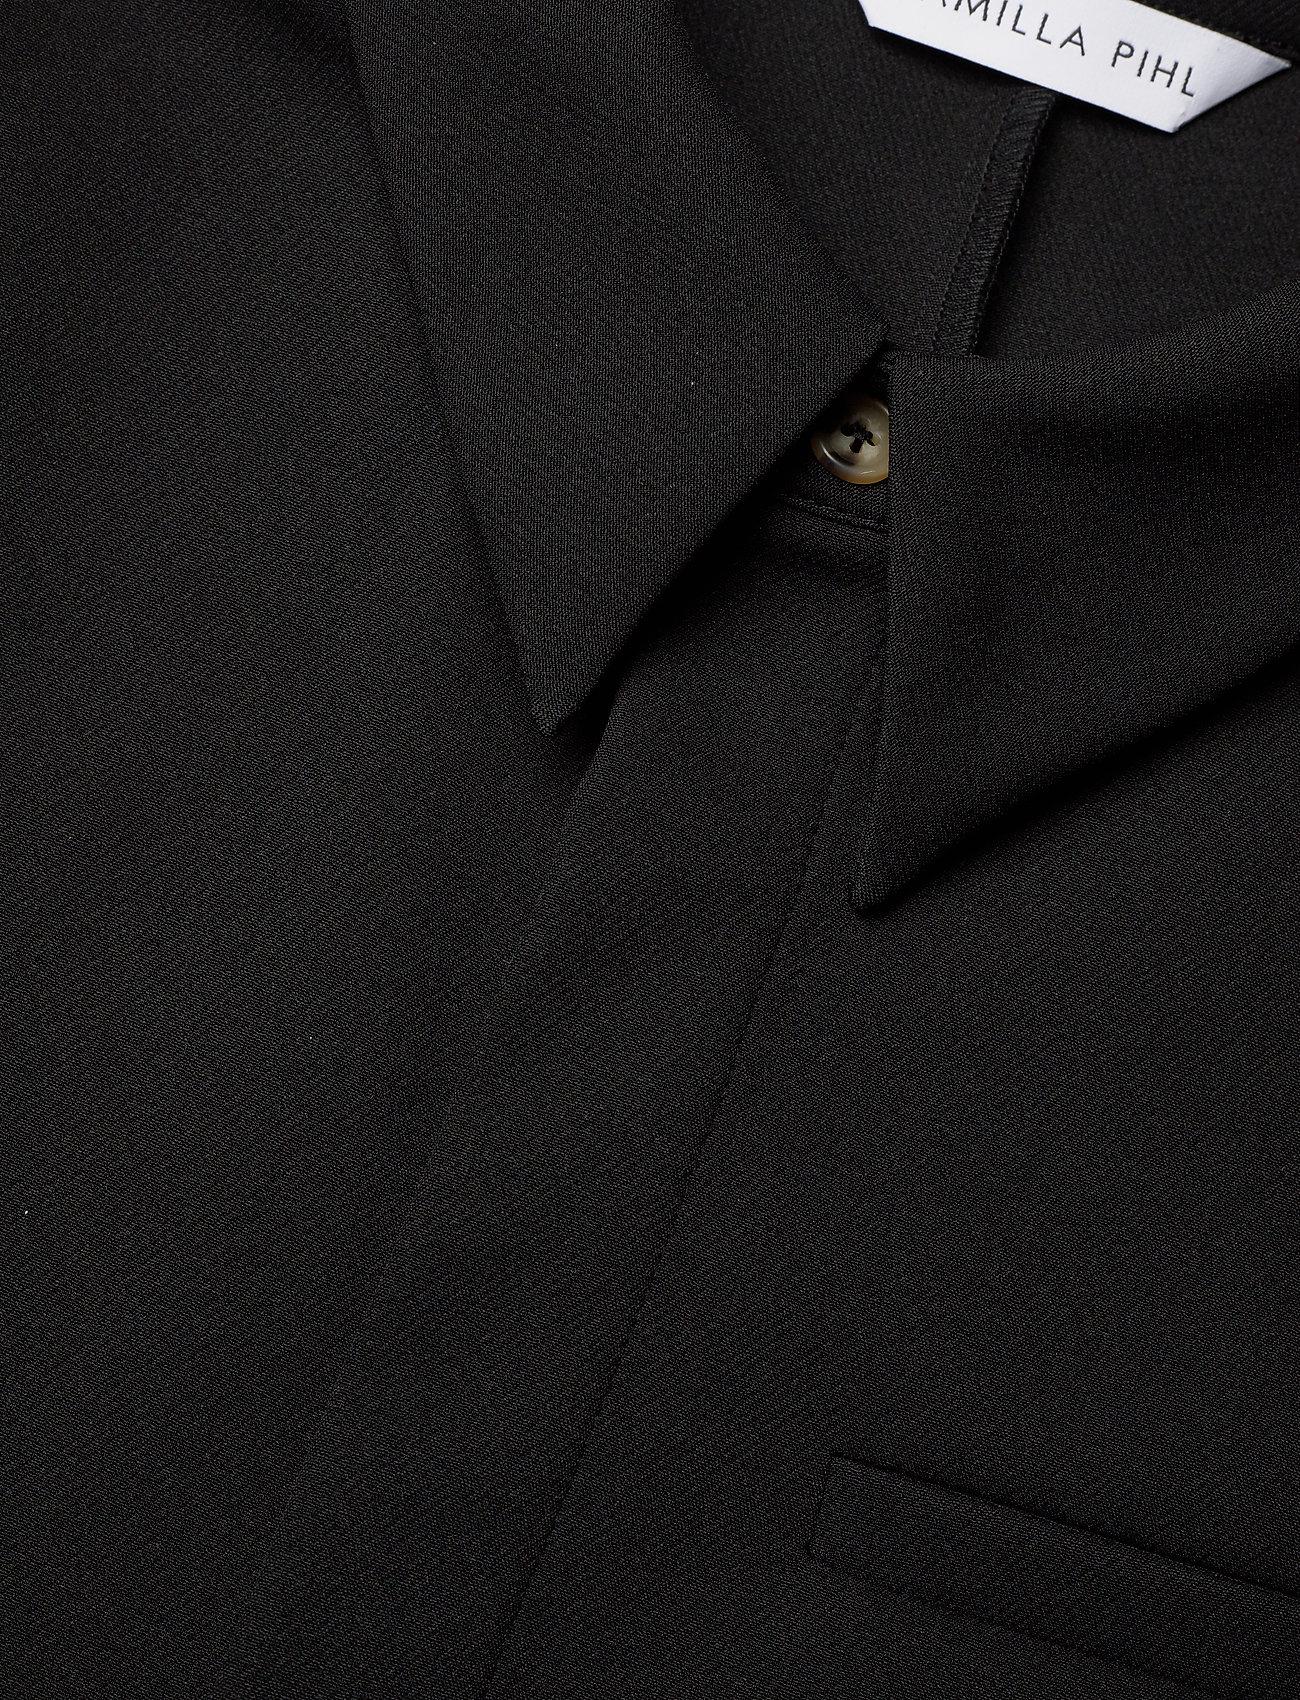 Individual Jumpsuit (Black) (2046.85 kr) - Camilla Pihl